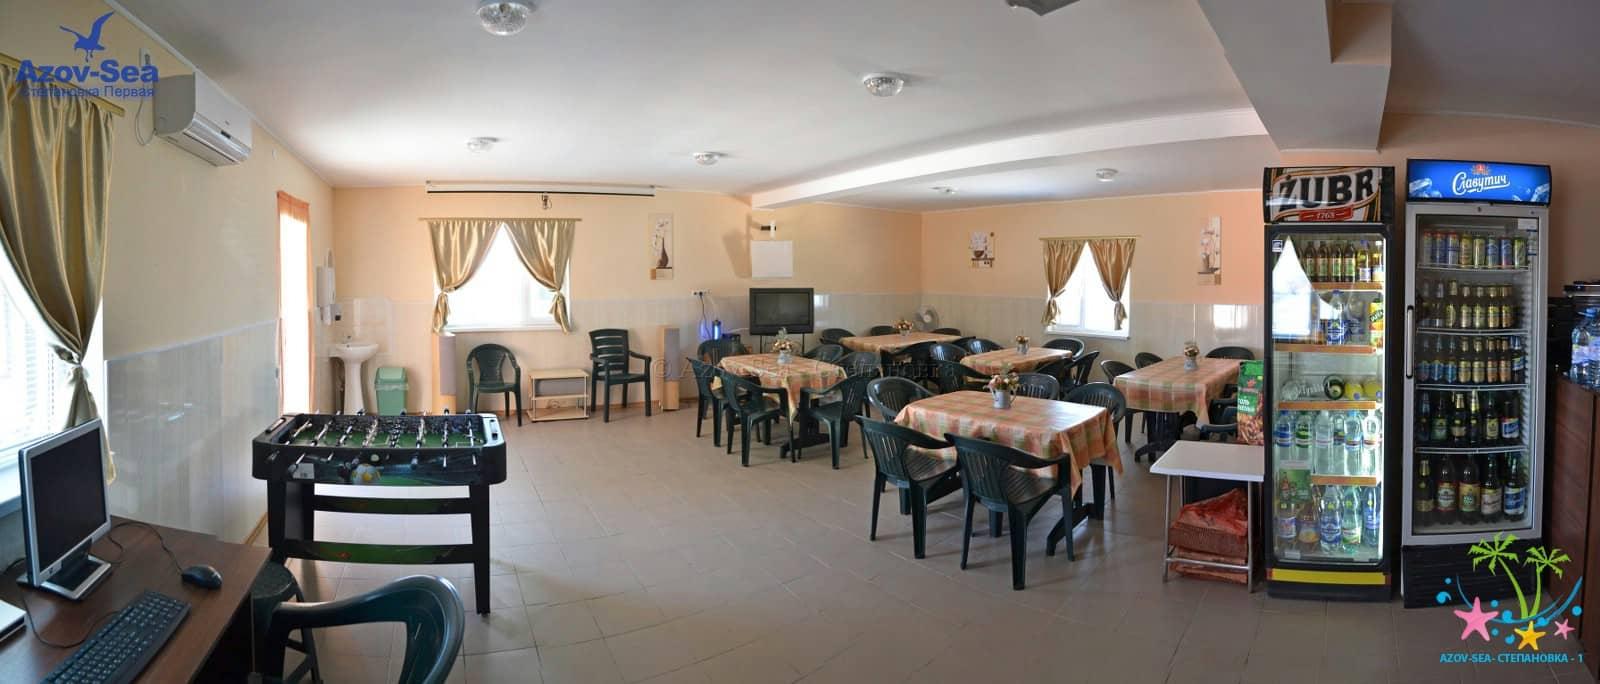 Отдых на Азовском море - Кафе в Степановке Первой